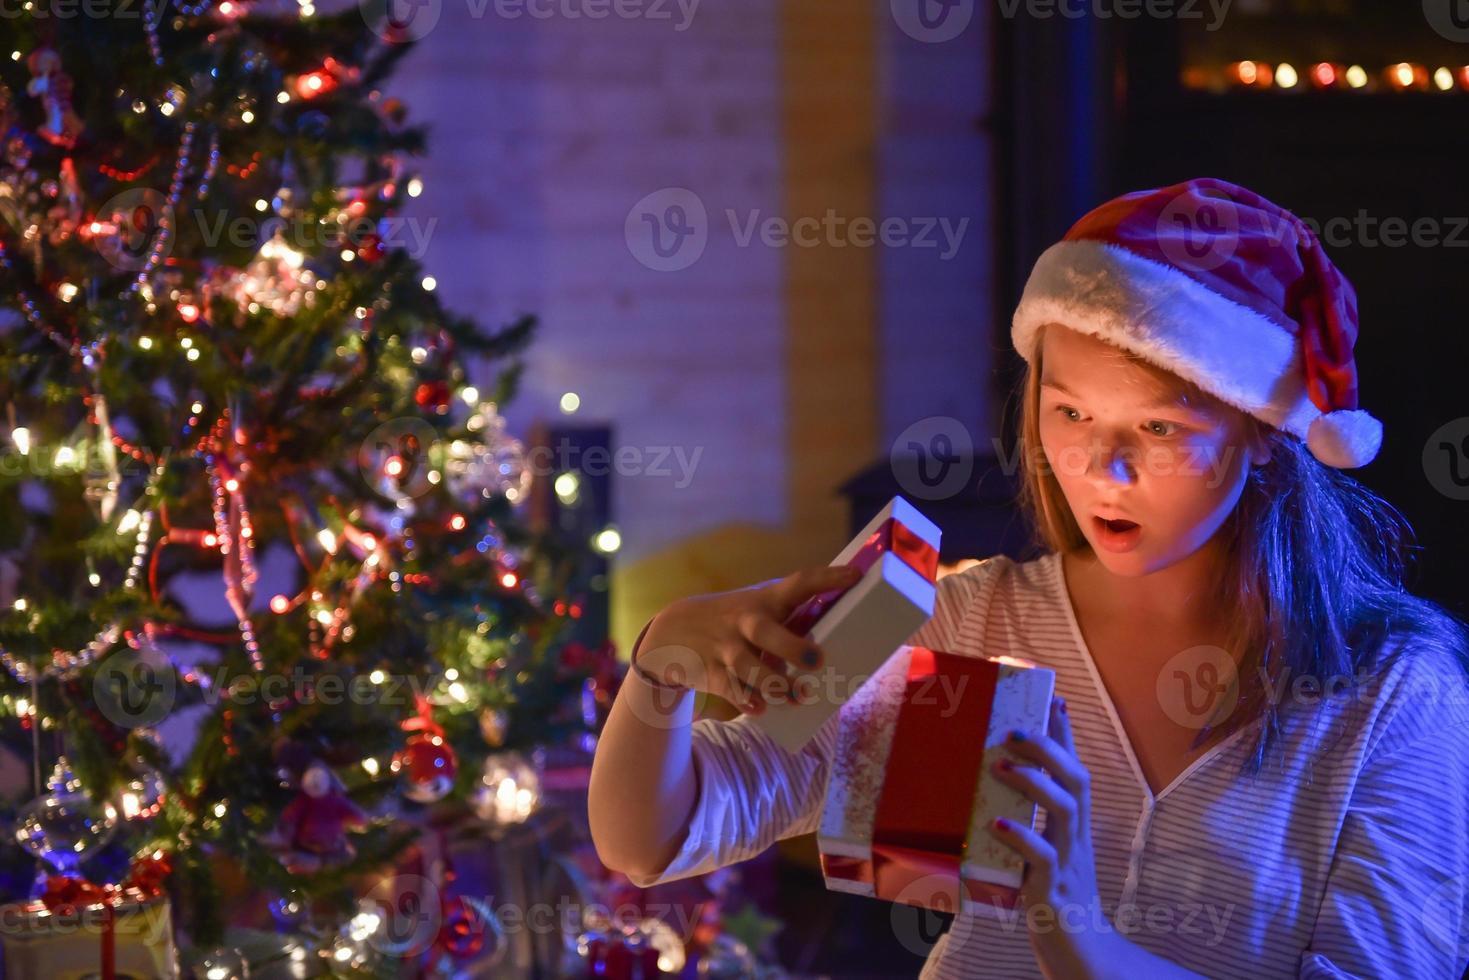 Weihnachtszeit, ein ausdrucksstarkes junges Mädchen, das ihre Geschenkbox öffnet foto